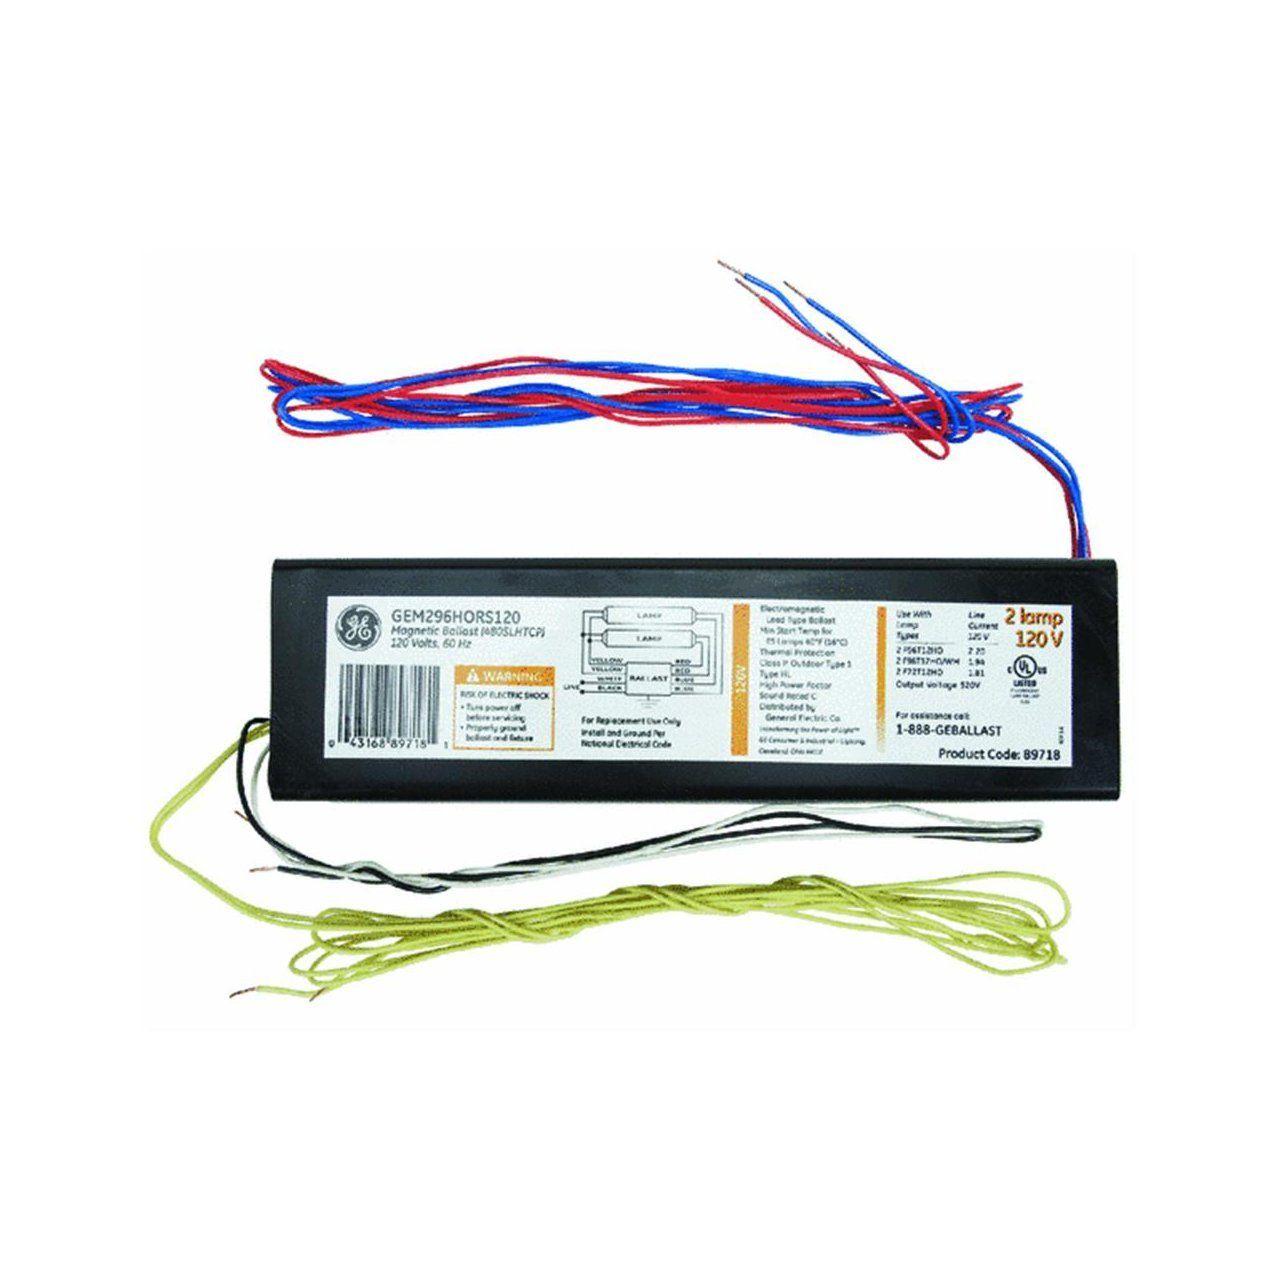 GE Lighting 72109 GE296HO-MV-N-DIY LFL Multi-Volt ProLine Electronic on